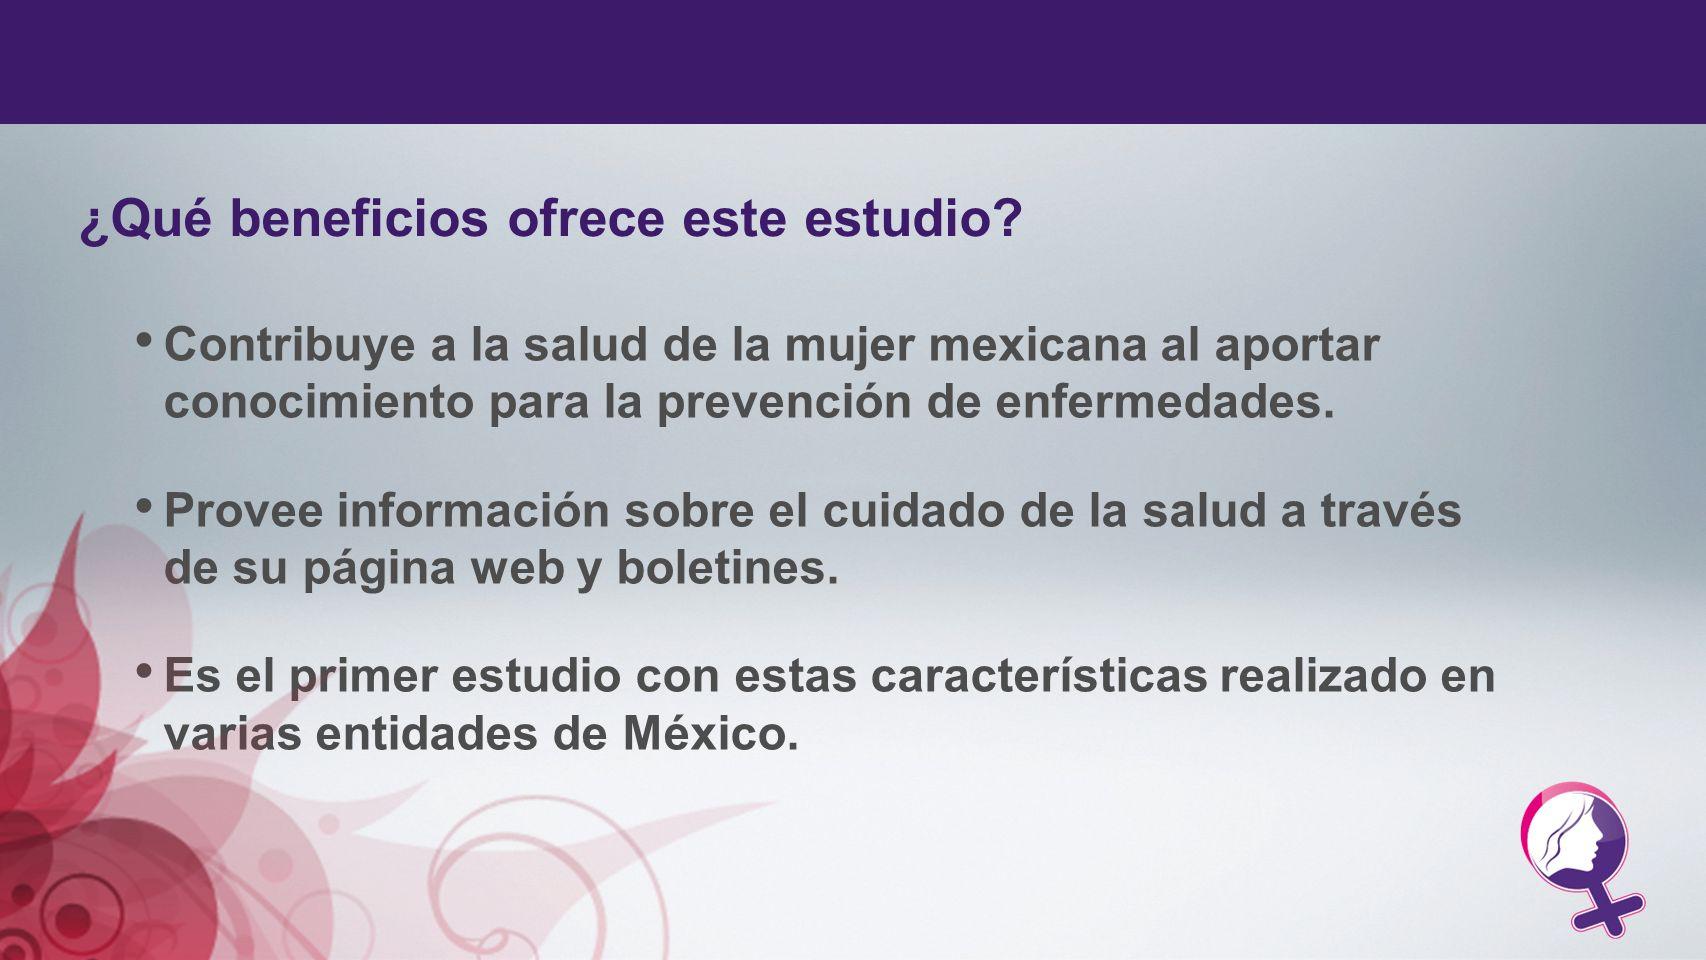 Contribuye a la salud de la mujer mexicana al aportar conocimiento para la prevención de enfermedades. Provee información sobre el cuidado de la salud